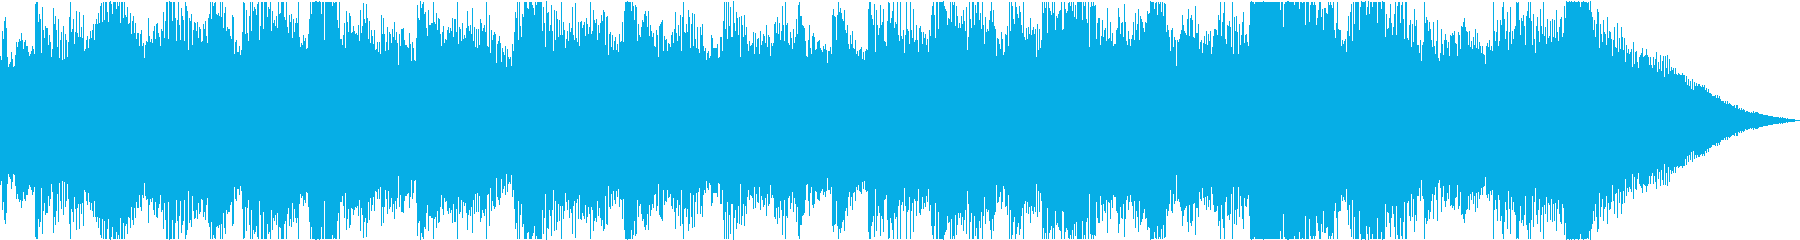 【20秒】プロローグ的な/ラジオCM用の再生済みの波形